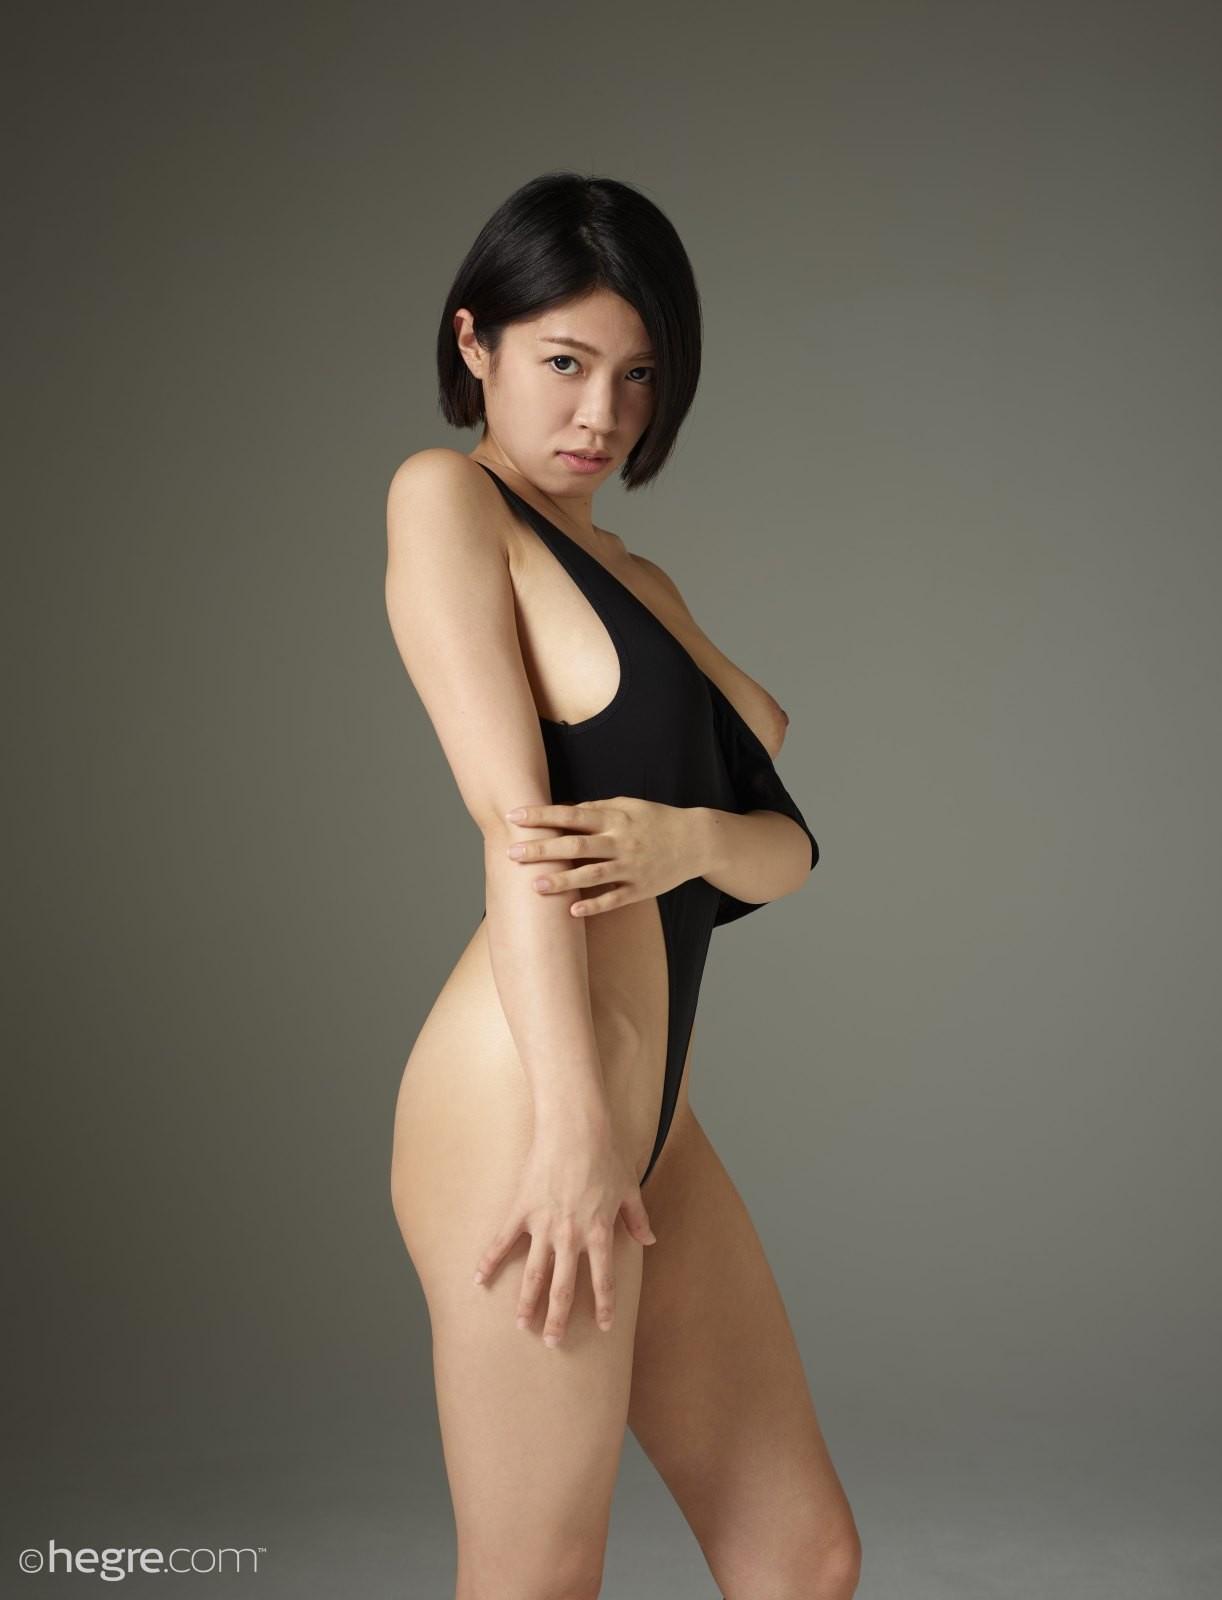 Красивая темноволосая японка снимает купальник - фото